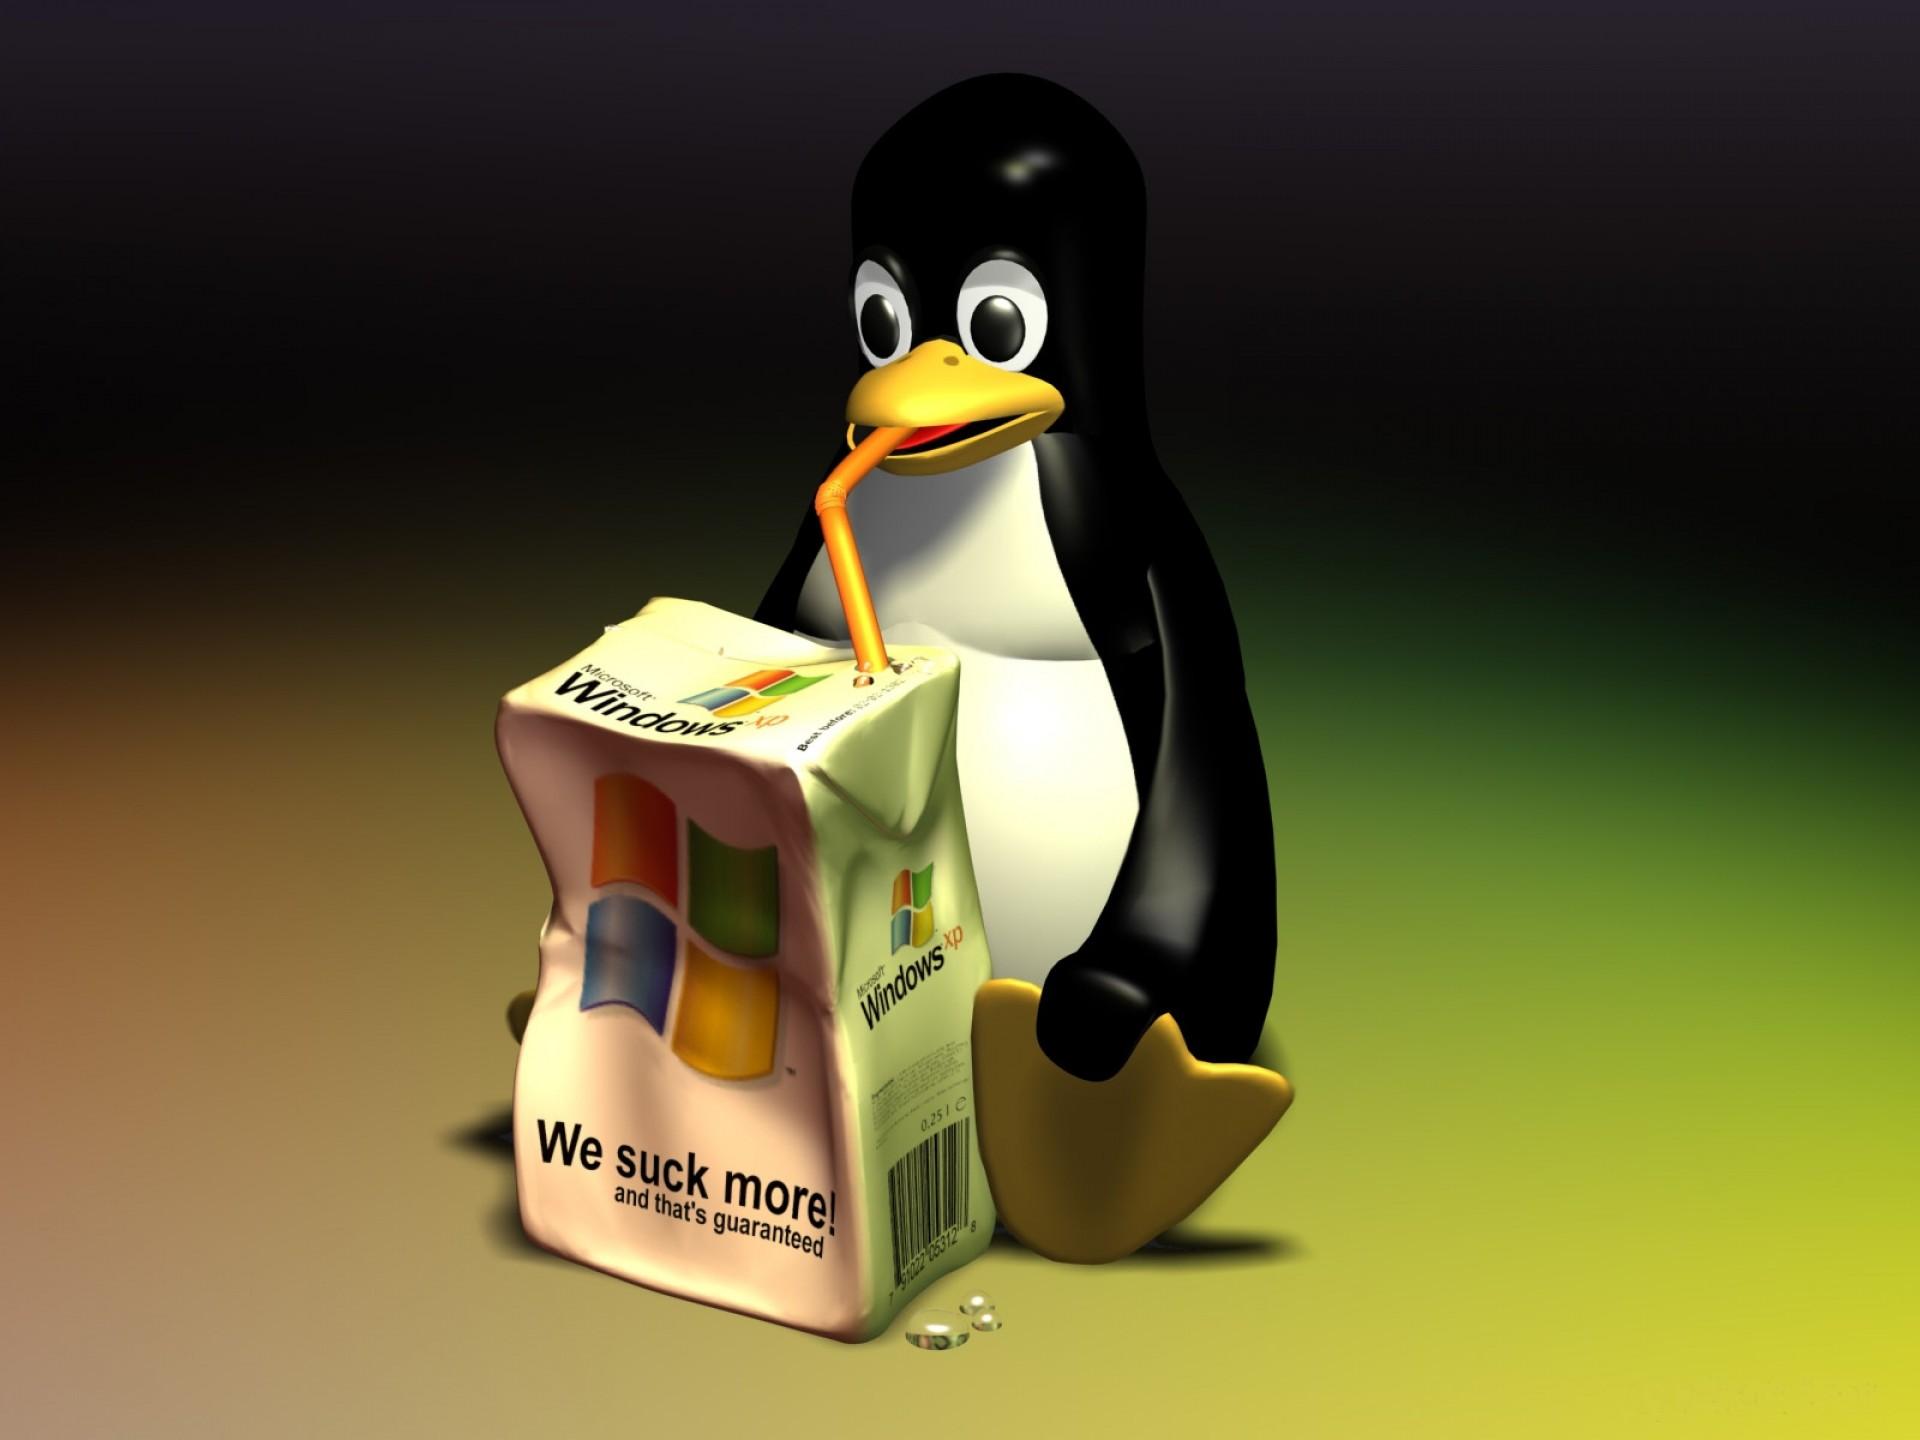 Linux puingvin, скачать фото, обои для рабочего стола, Линукс, Windows